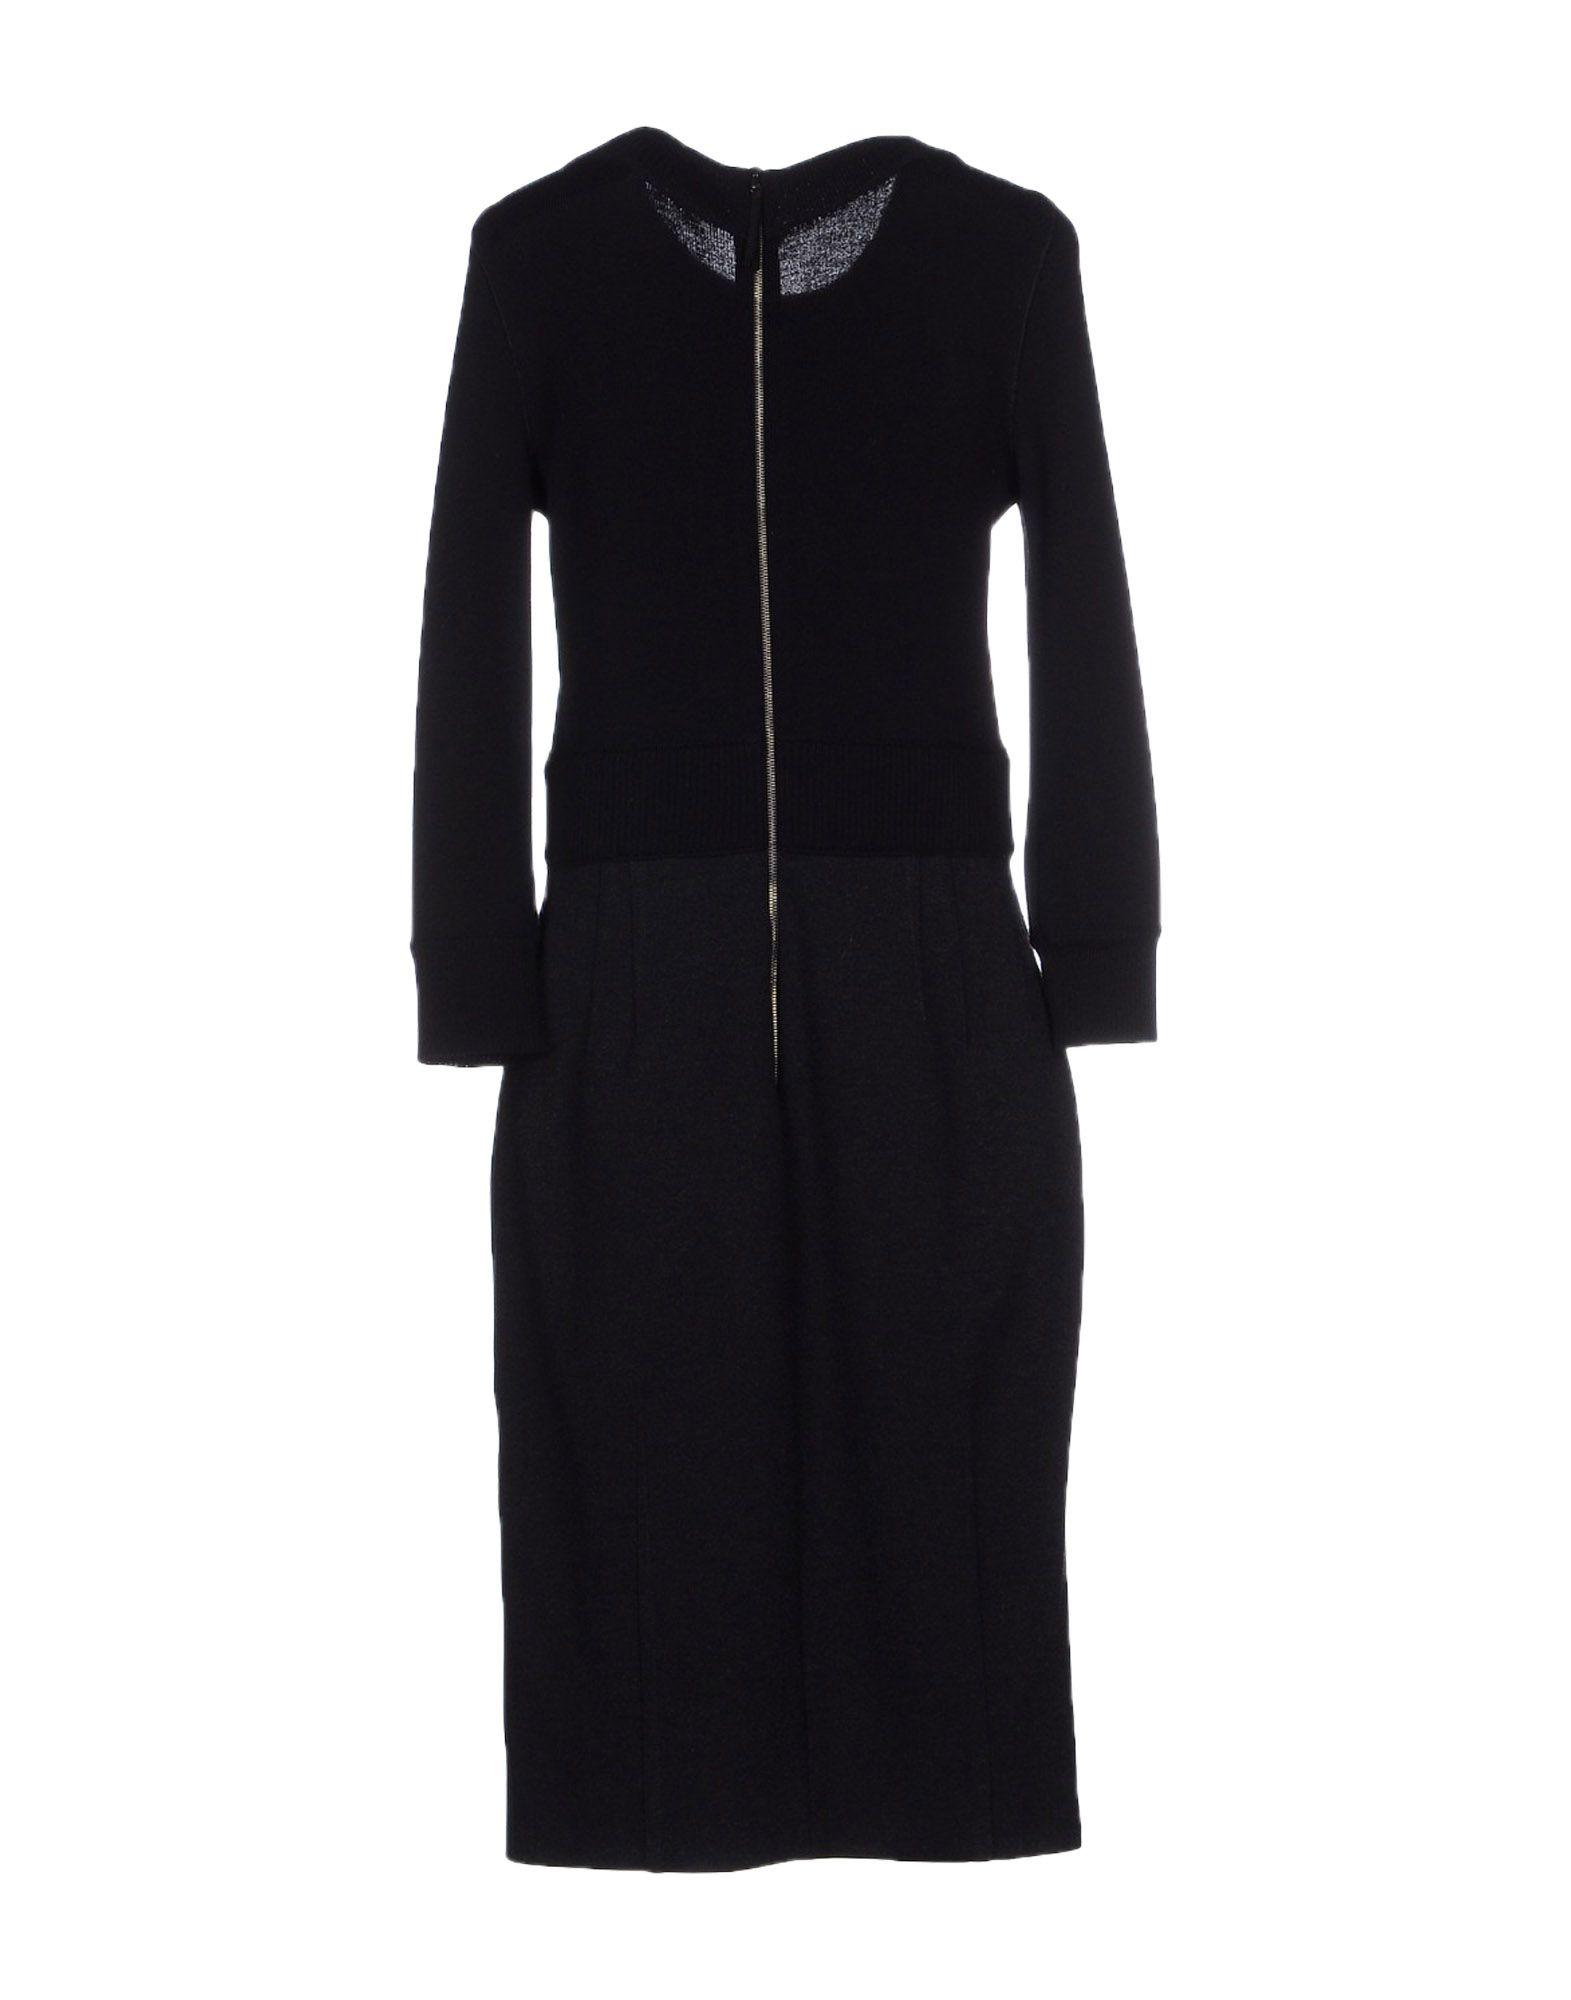 Dolce amp gabbana knee length dress in black lyst